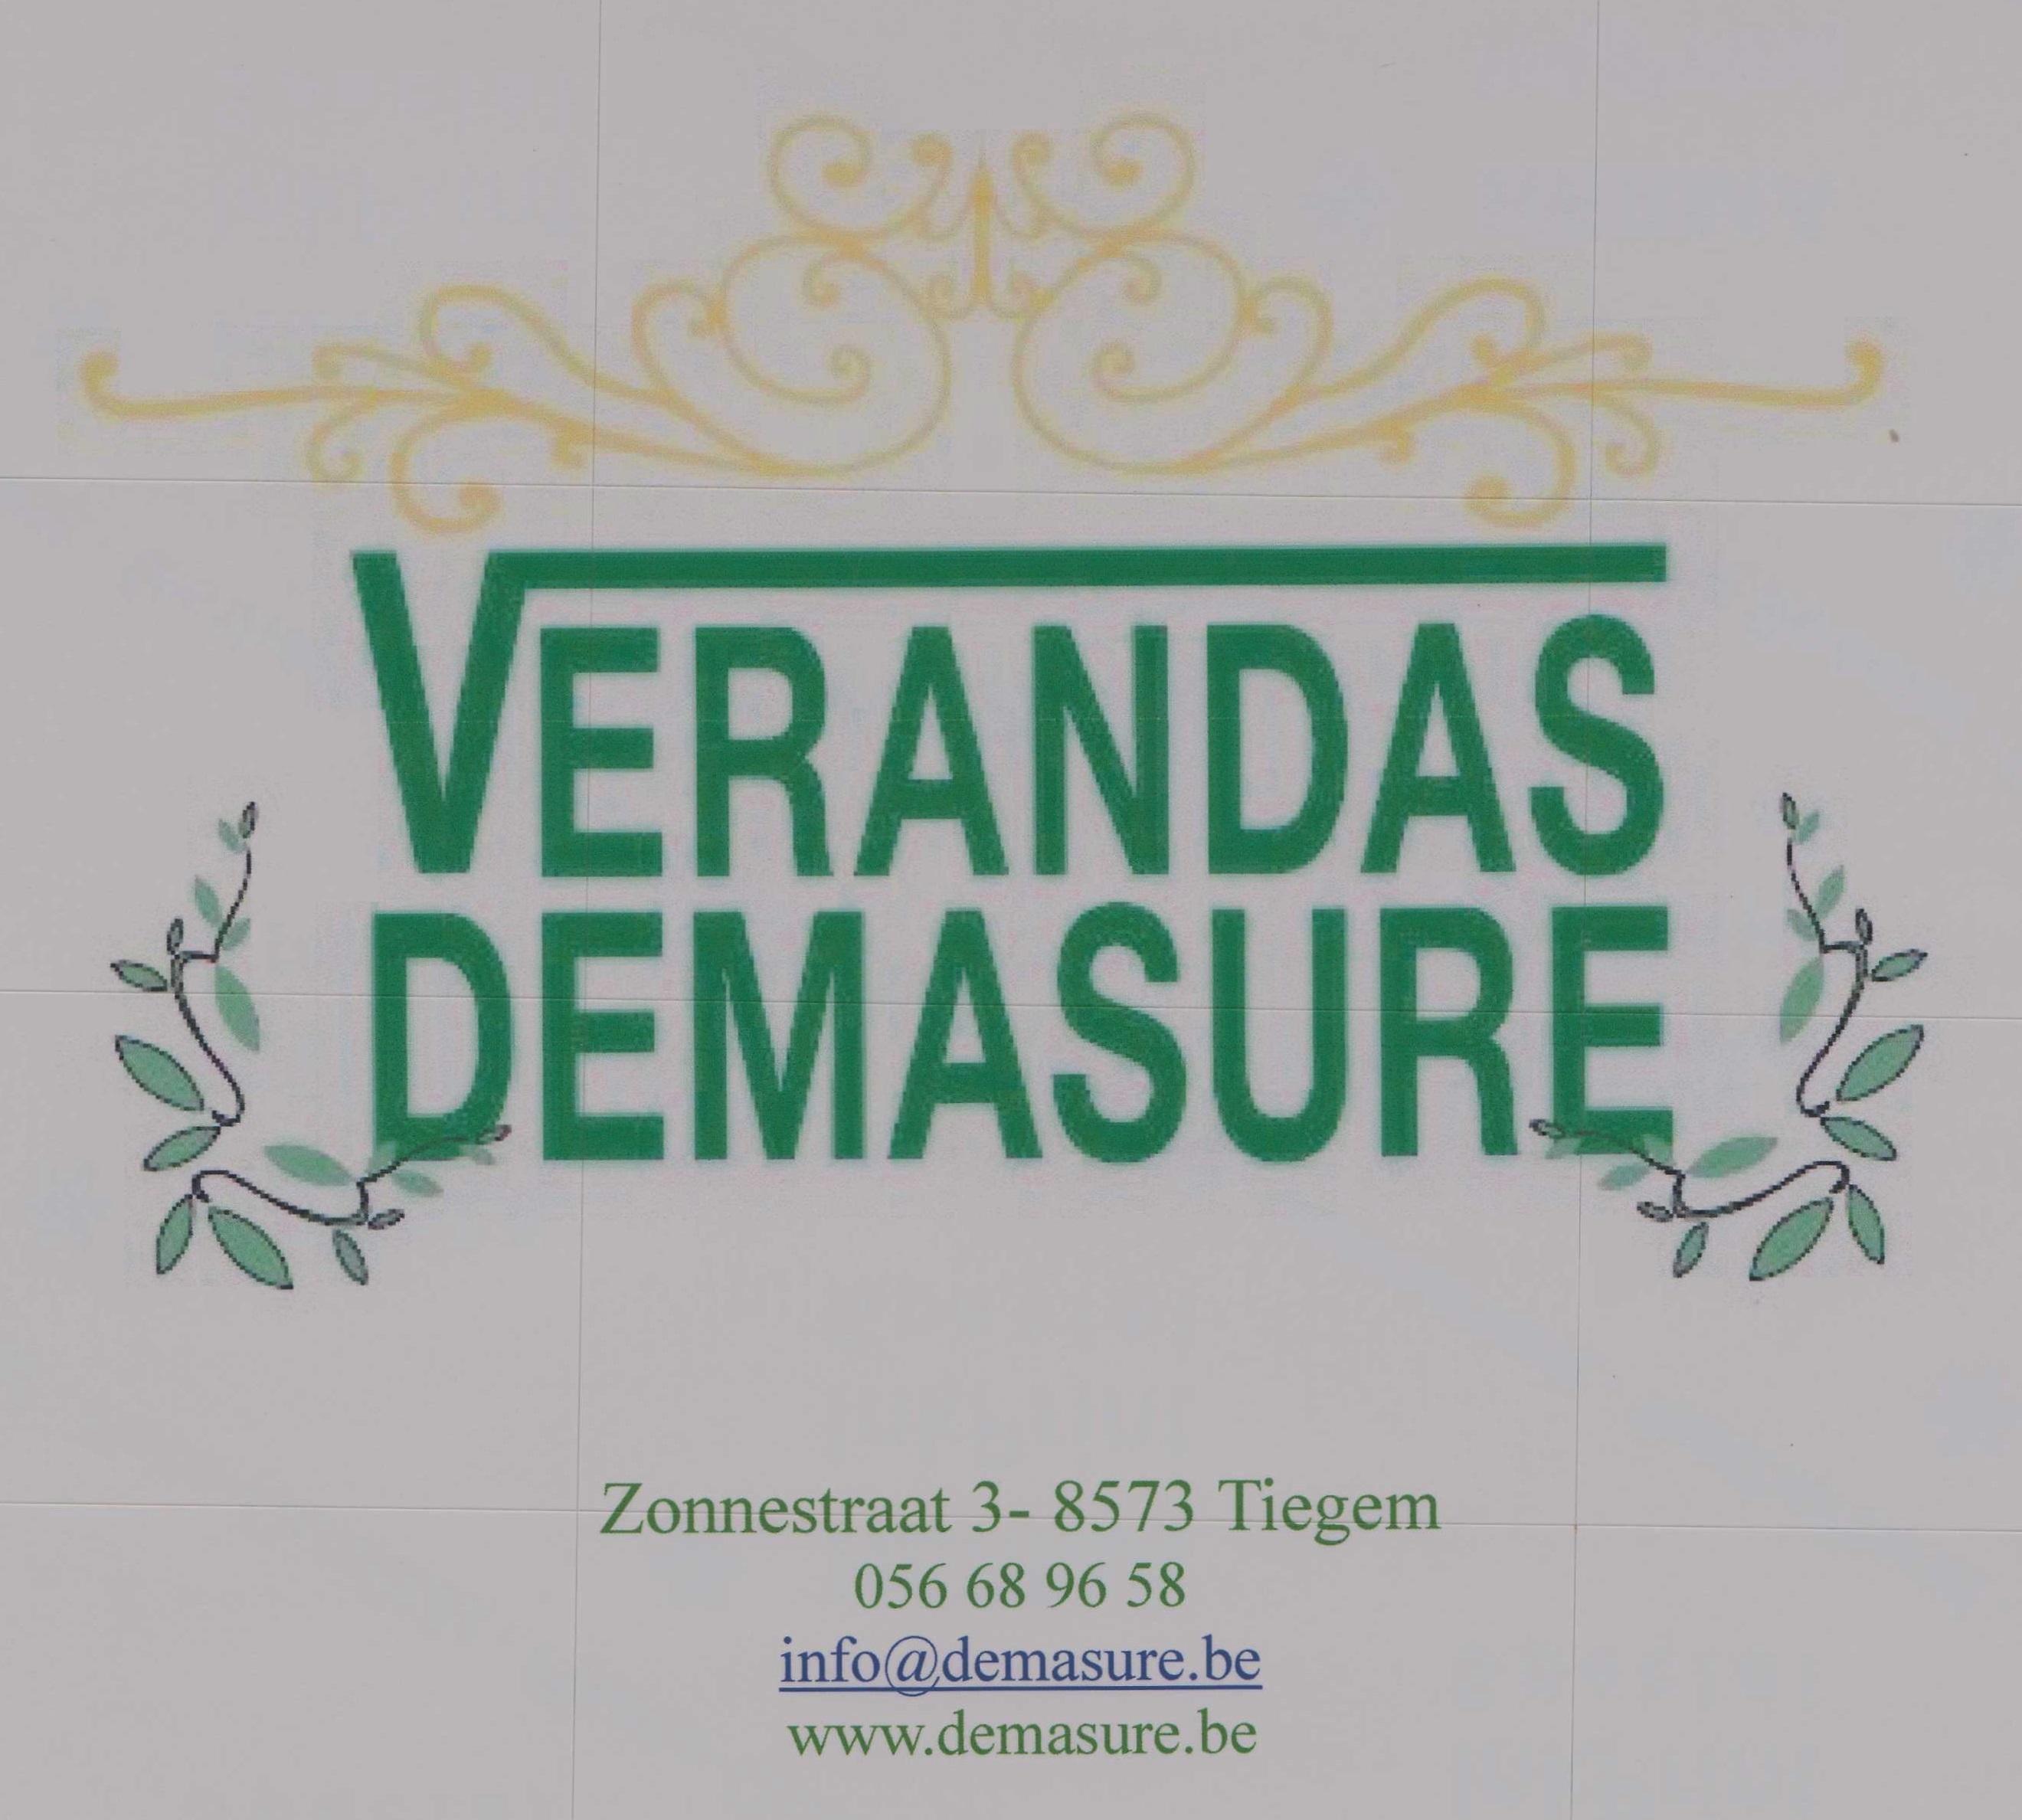 logo-verandas-demasure-002